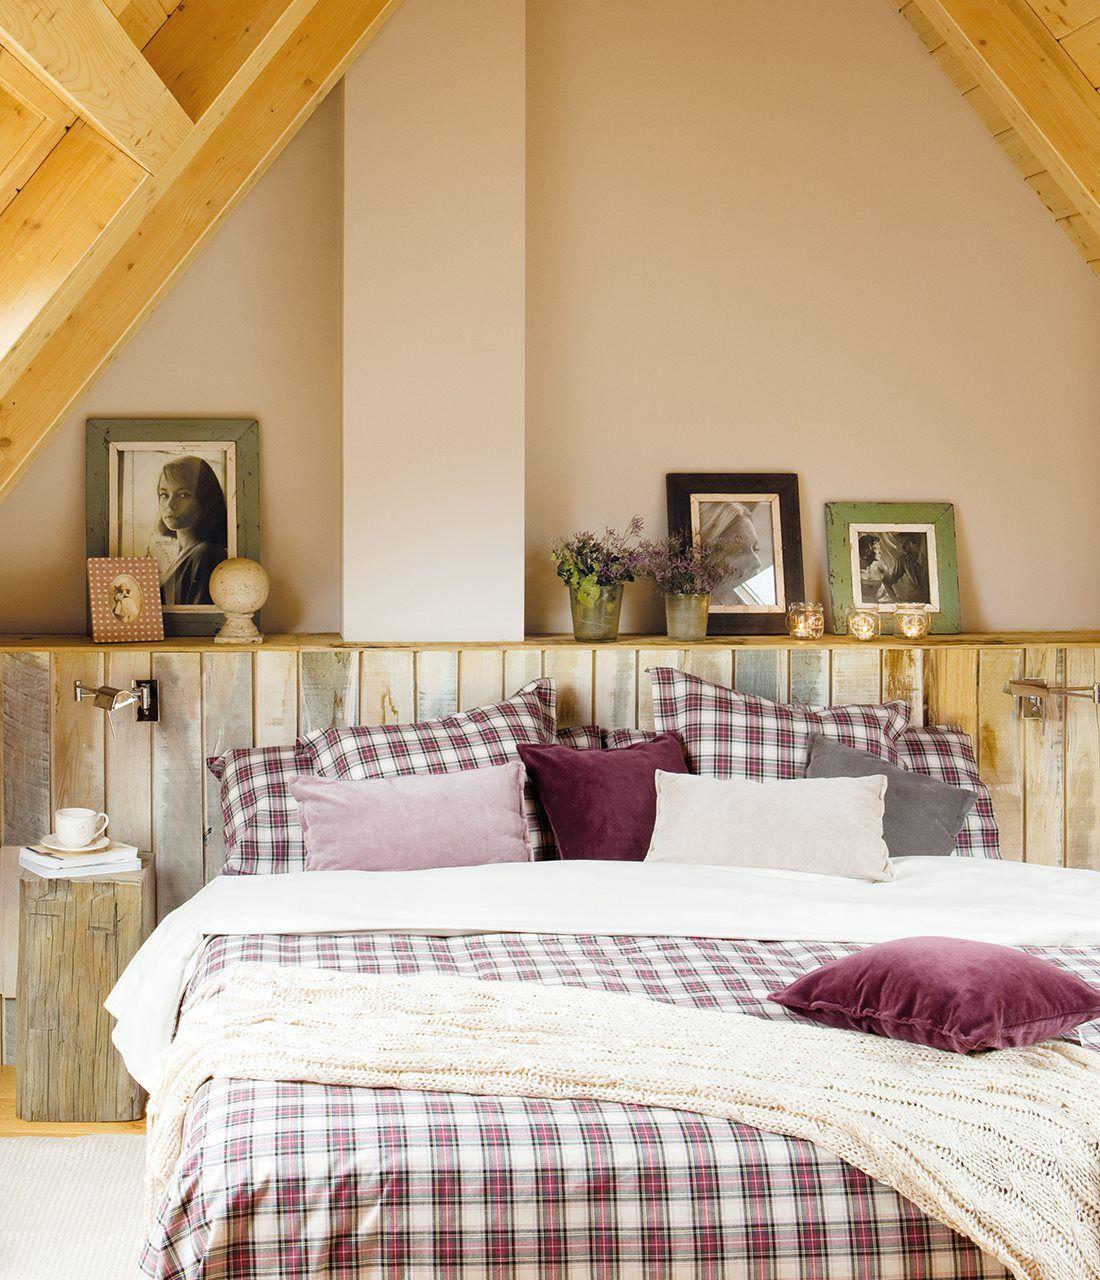 Diez cabeceros que lo dan todo | Cabecero, Dormitorio y Cabeceros